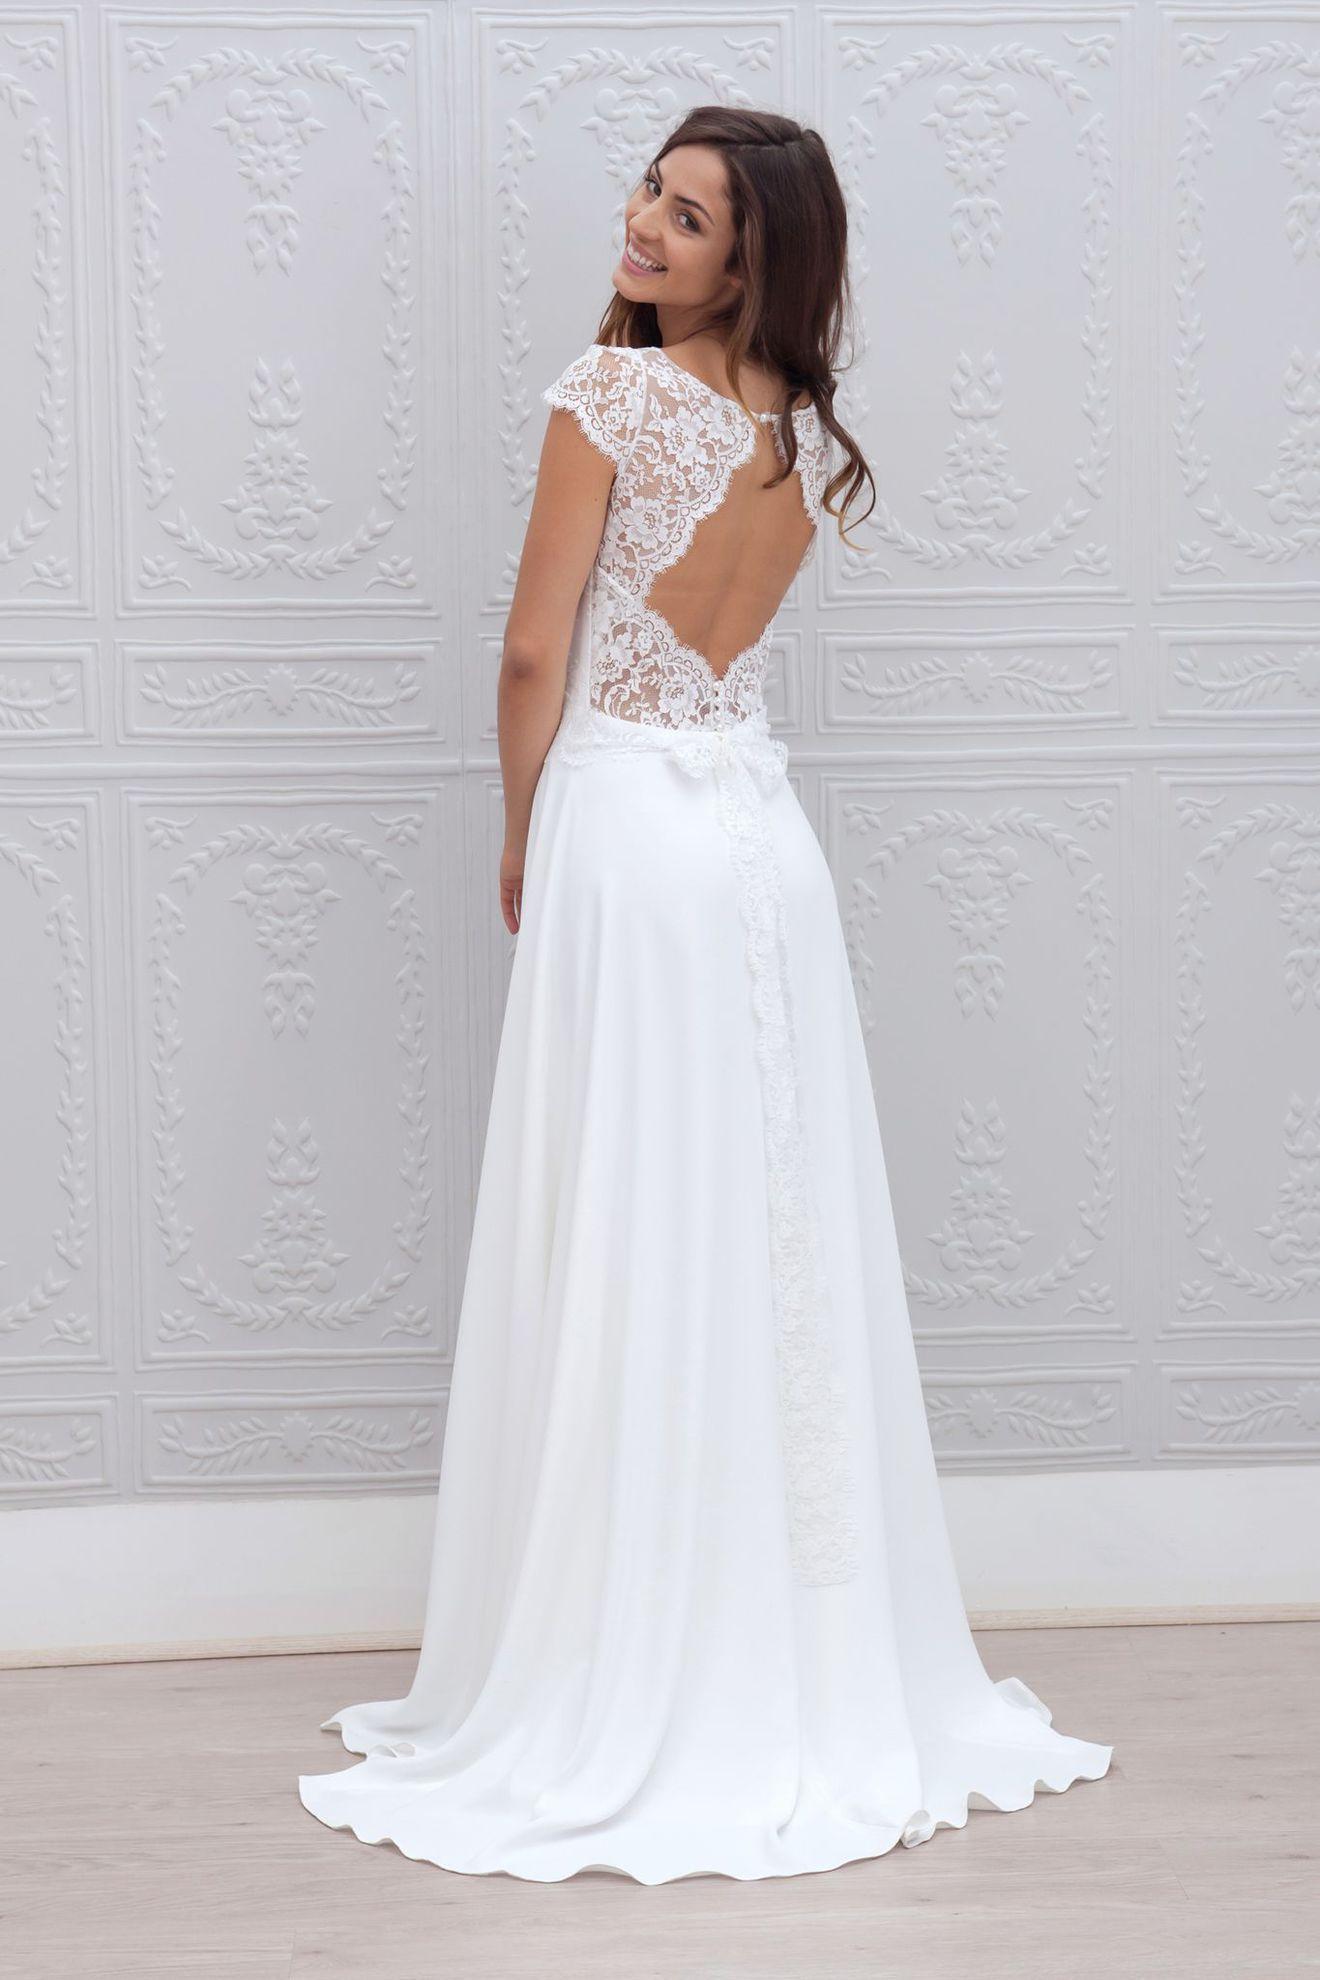 Long sleeve chiffon wedding dress  Pin by Amy Graham on Wedding dress ideas  Pinterest  Dress ideas